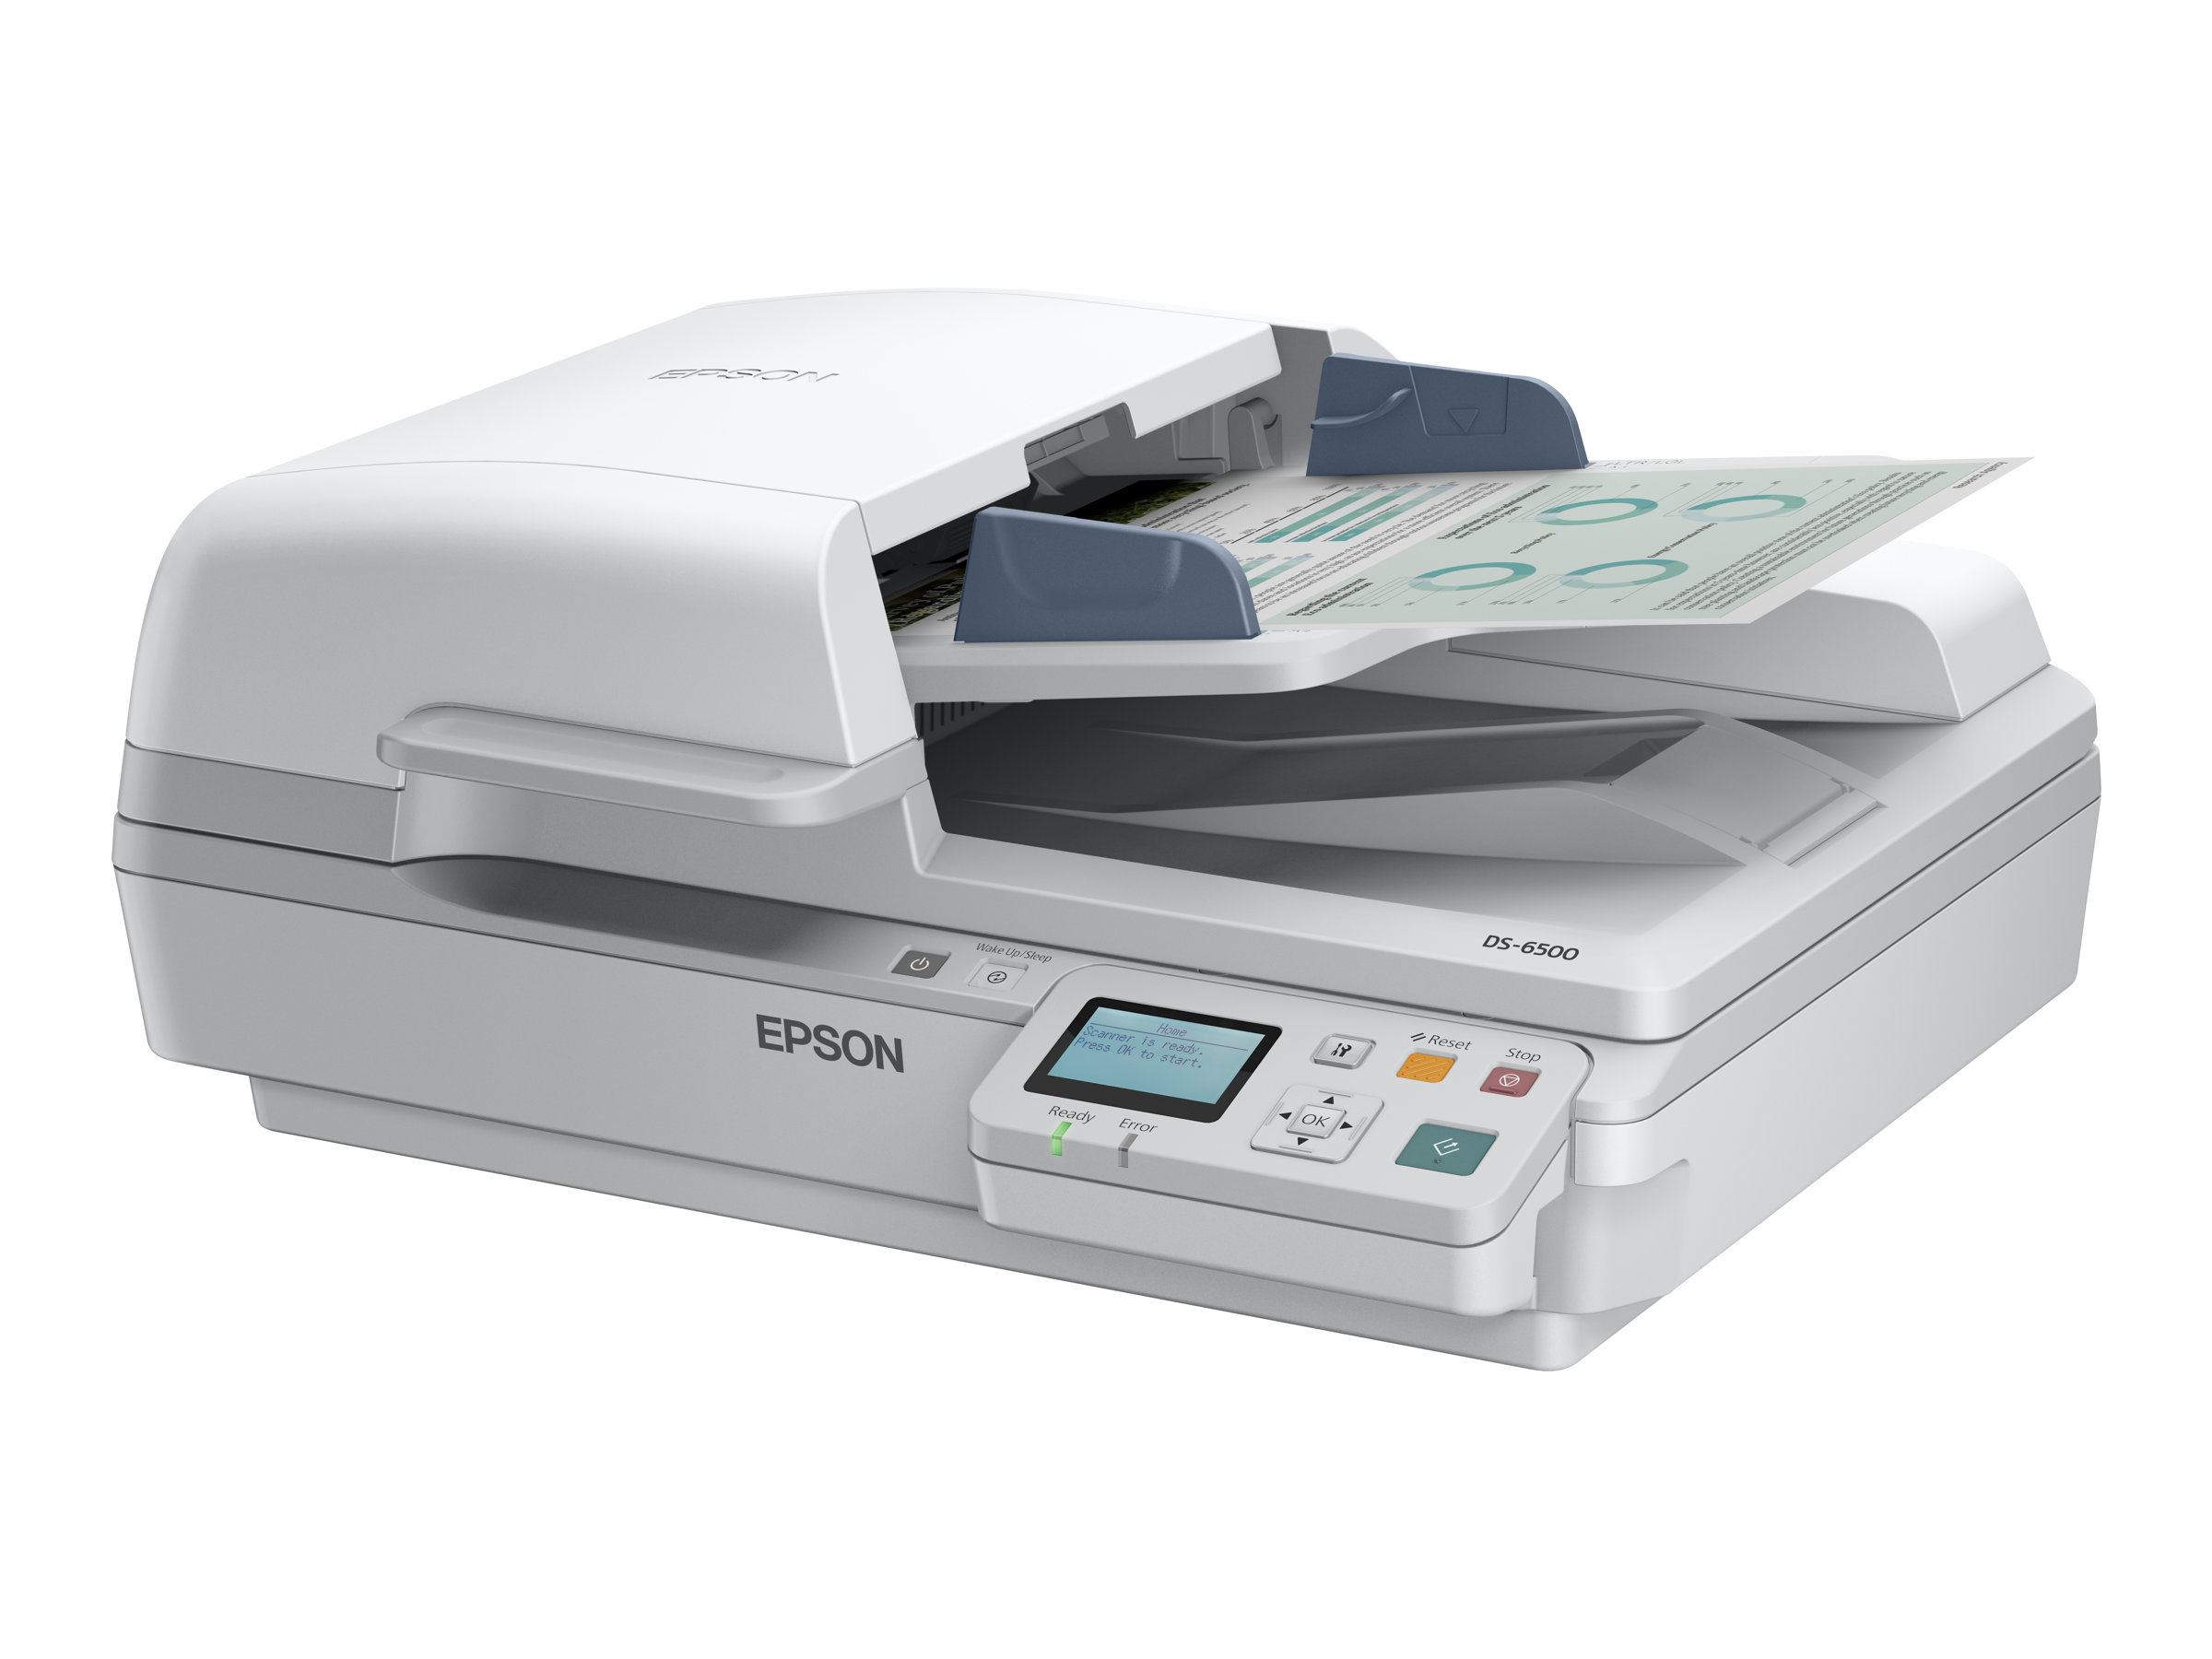 Epson WorkForce DS-7500N - Dokumentenscanner - Duplex - A4 - 1200 dpi x 1200 dpi - bis zu 40 Seiten/Min. (einfarbig) / bis zu 40